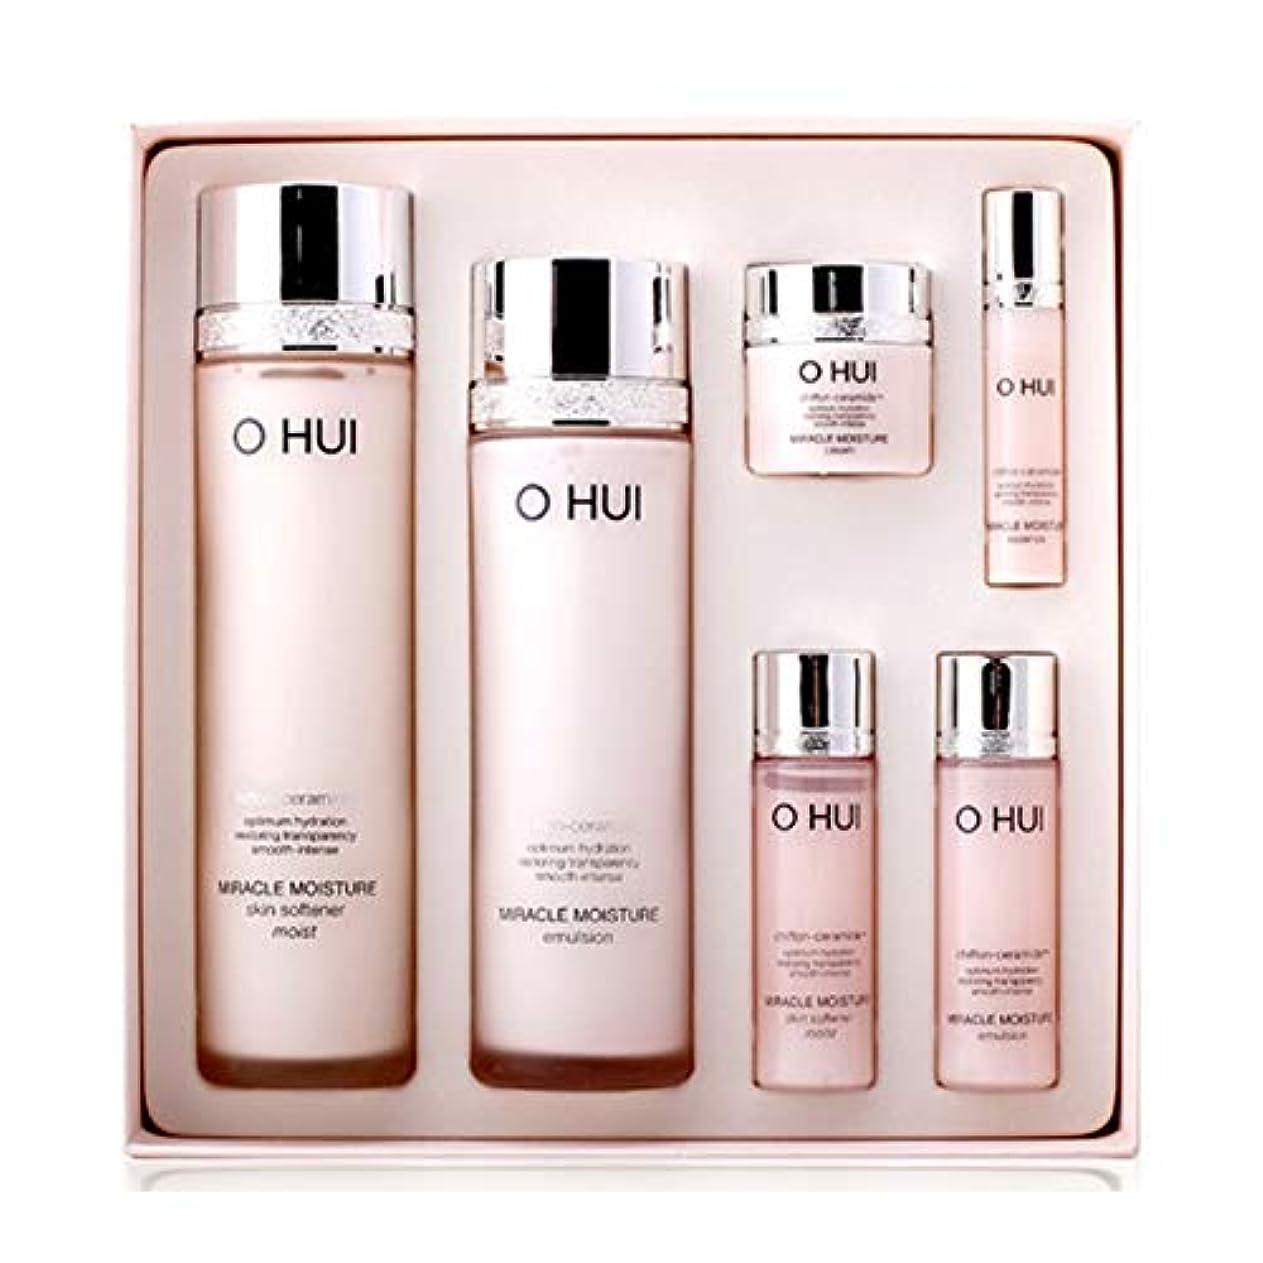 あいまいなジーンズ誤ってオフィミラクルモイスチャースキンソフナーエマルジョンセット韓国コスメ、O Hui Miracle Moisture Skin Softener Emulsion Set Korean Cosmetics [並行輸入品]